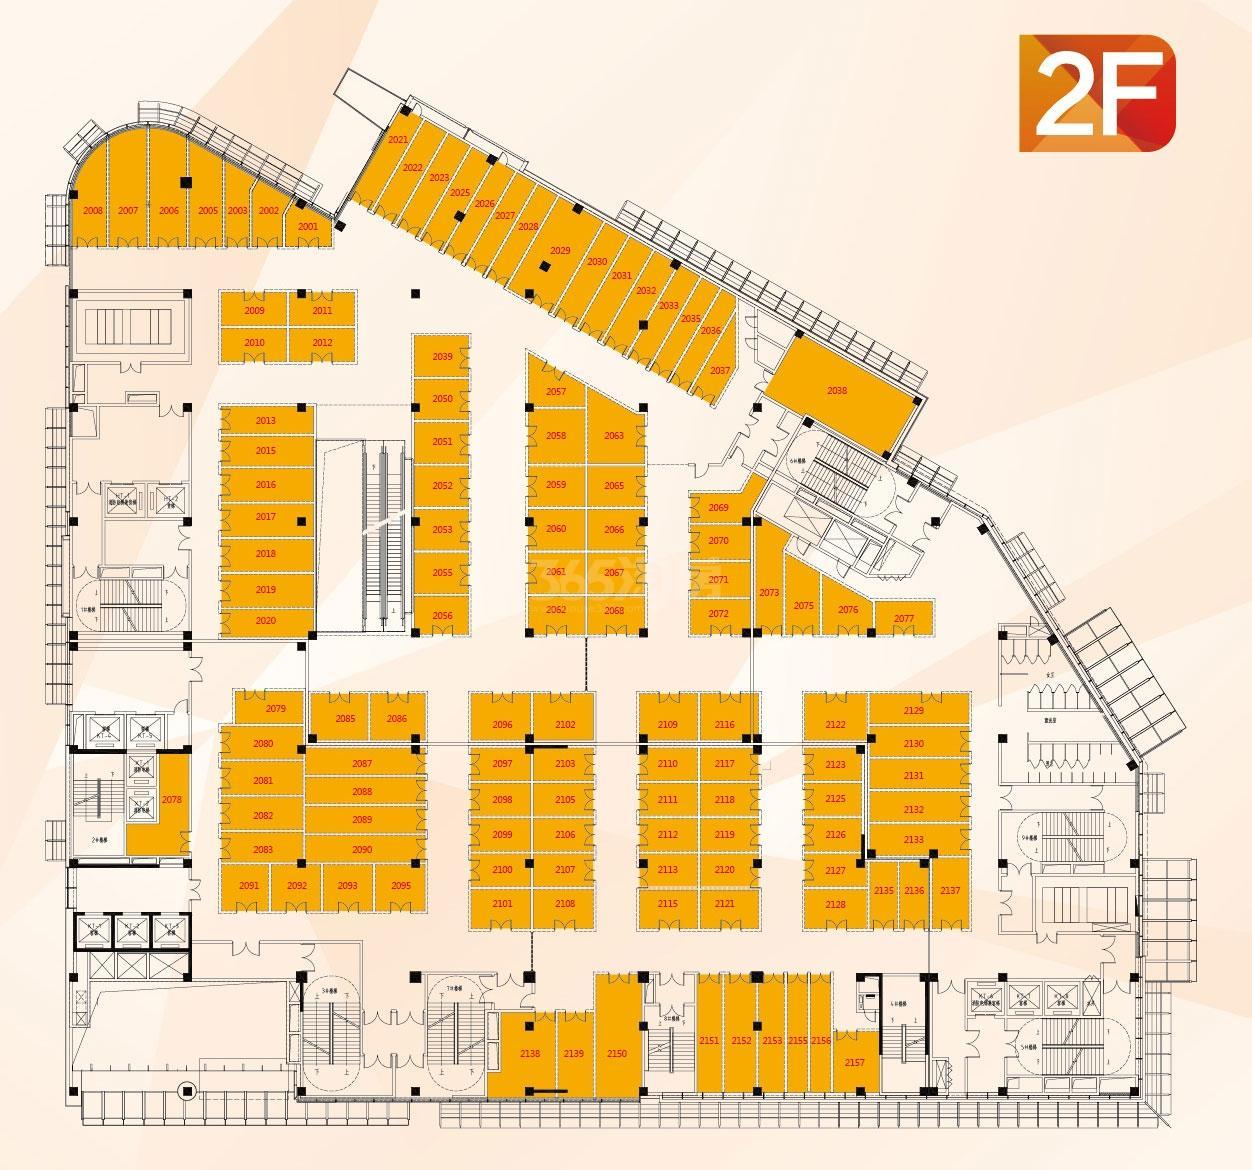 利华广场二楼商铺户型分布图